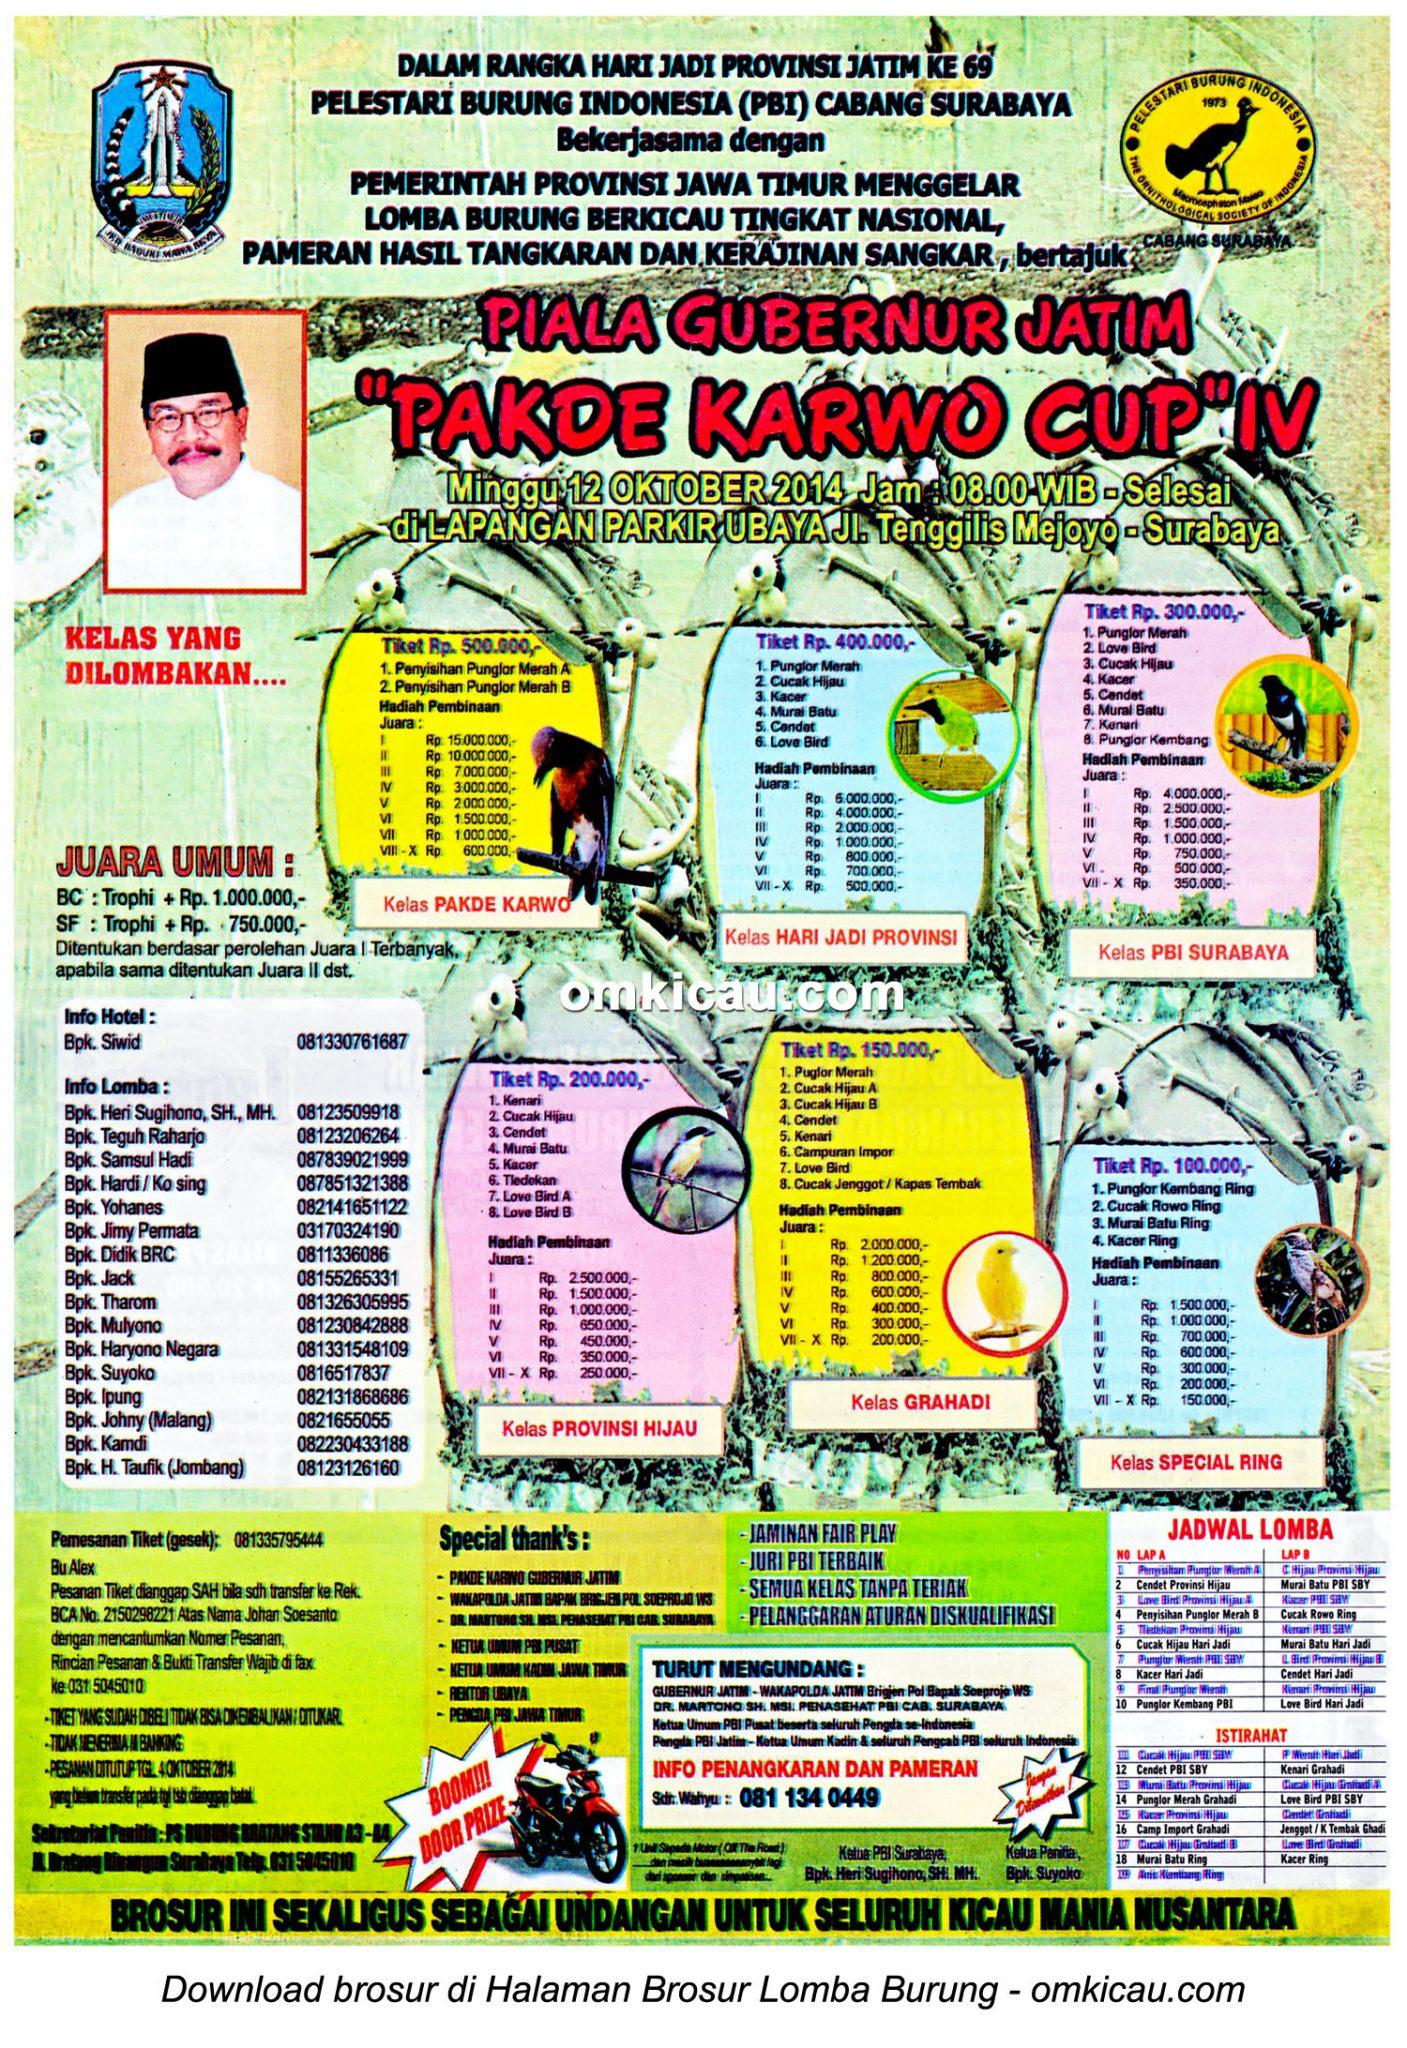 Brosur Lomba Burung Pakde Karwo Cup, Surabaya, 12 Oktober 2014